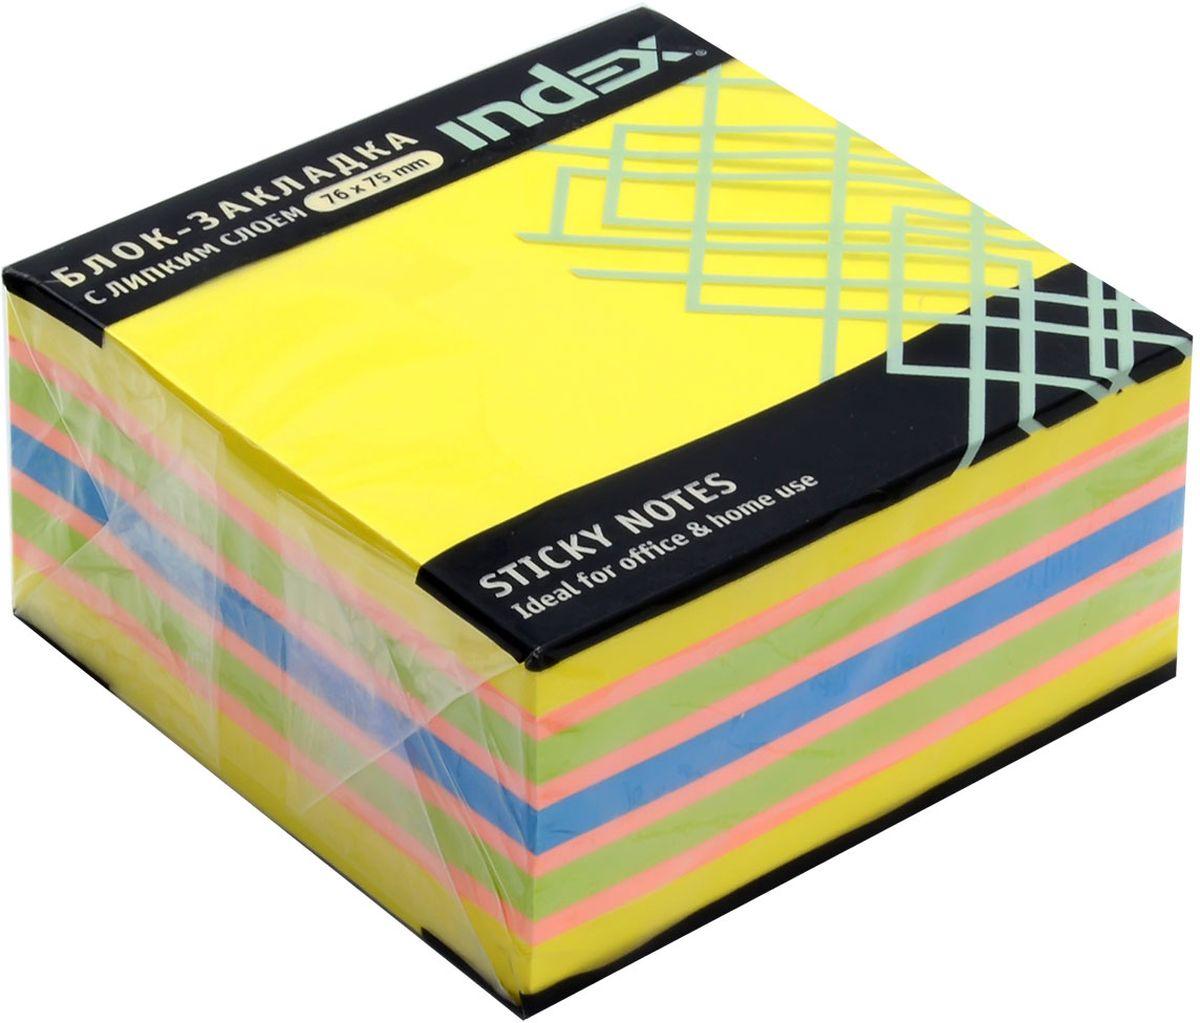 Index Бумага для заметок с липким слоем цвет желтый 400 листов I433812I433812Бумага для заметок с липким слоем, размер 76 х 75 мм, 400 листов. Клеевой слой - 21 Н/м, плотность бумаги - 75г/кв.м. Не оставляет следов после использования, лист может крепиться повторно.